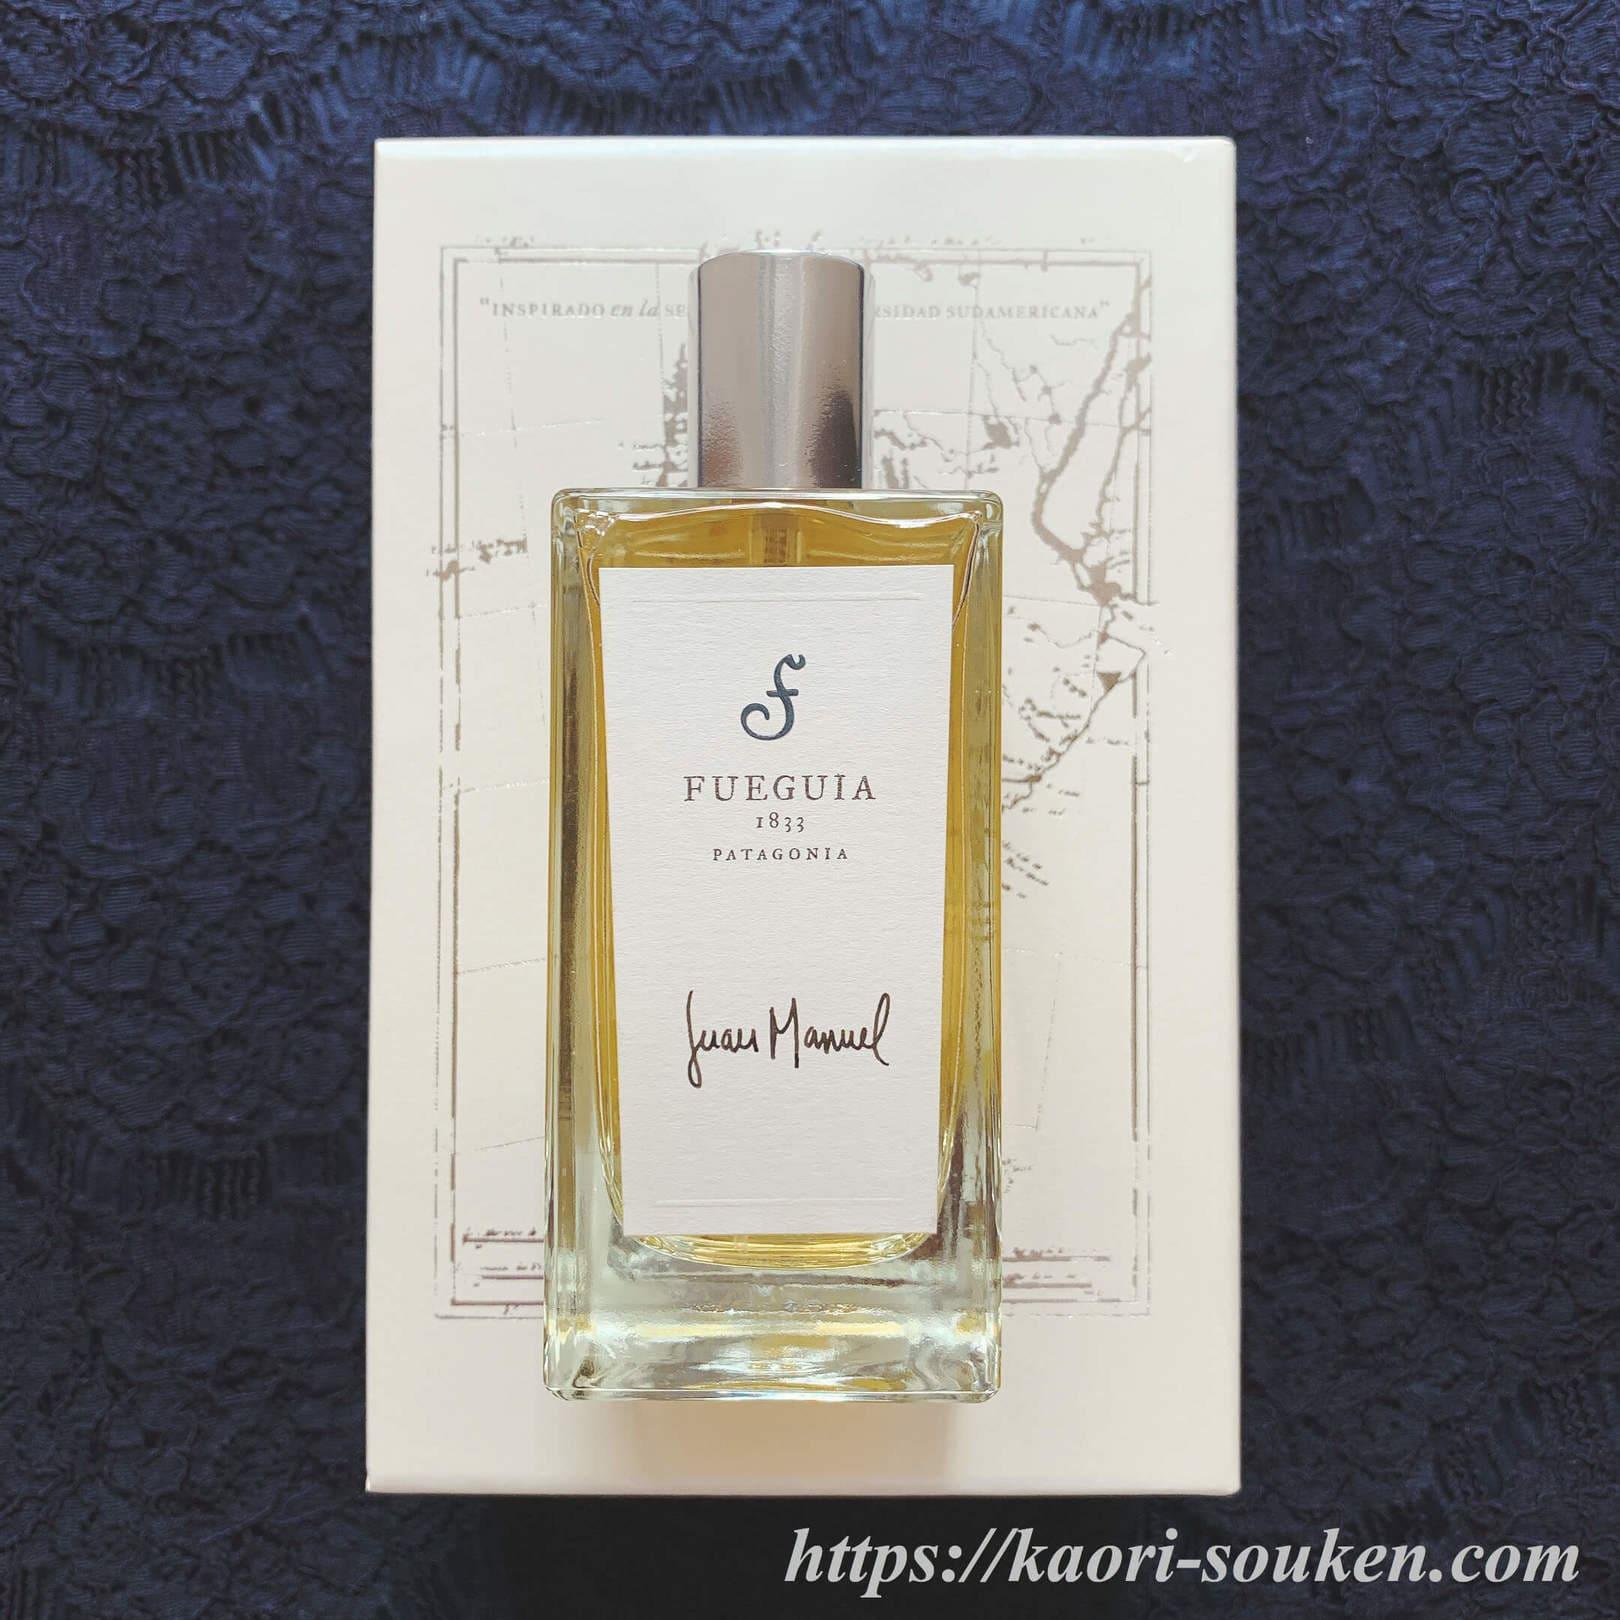 JuanManuelImage2_kaori_souken